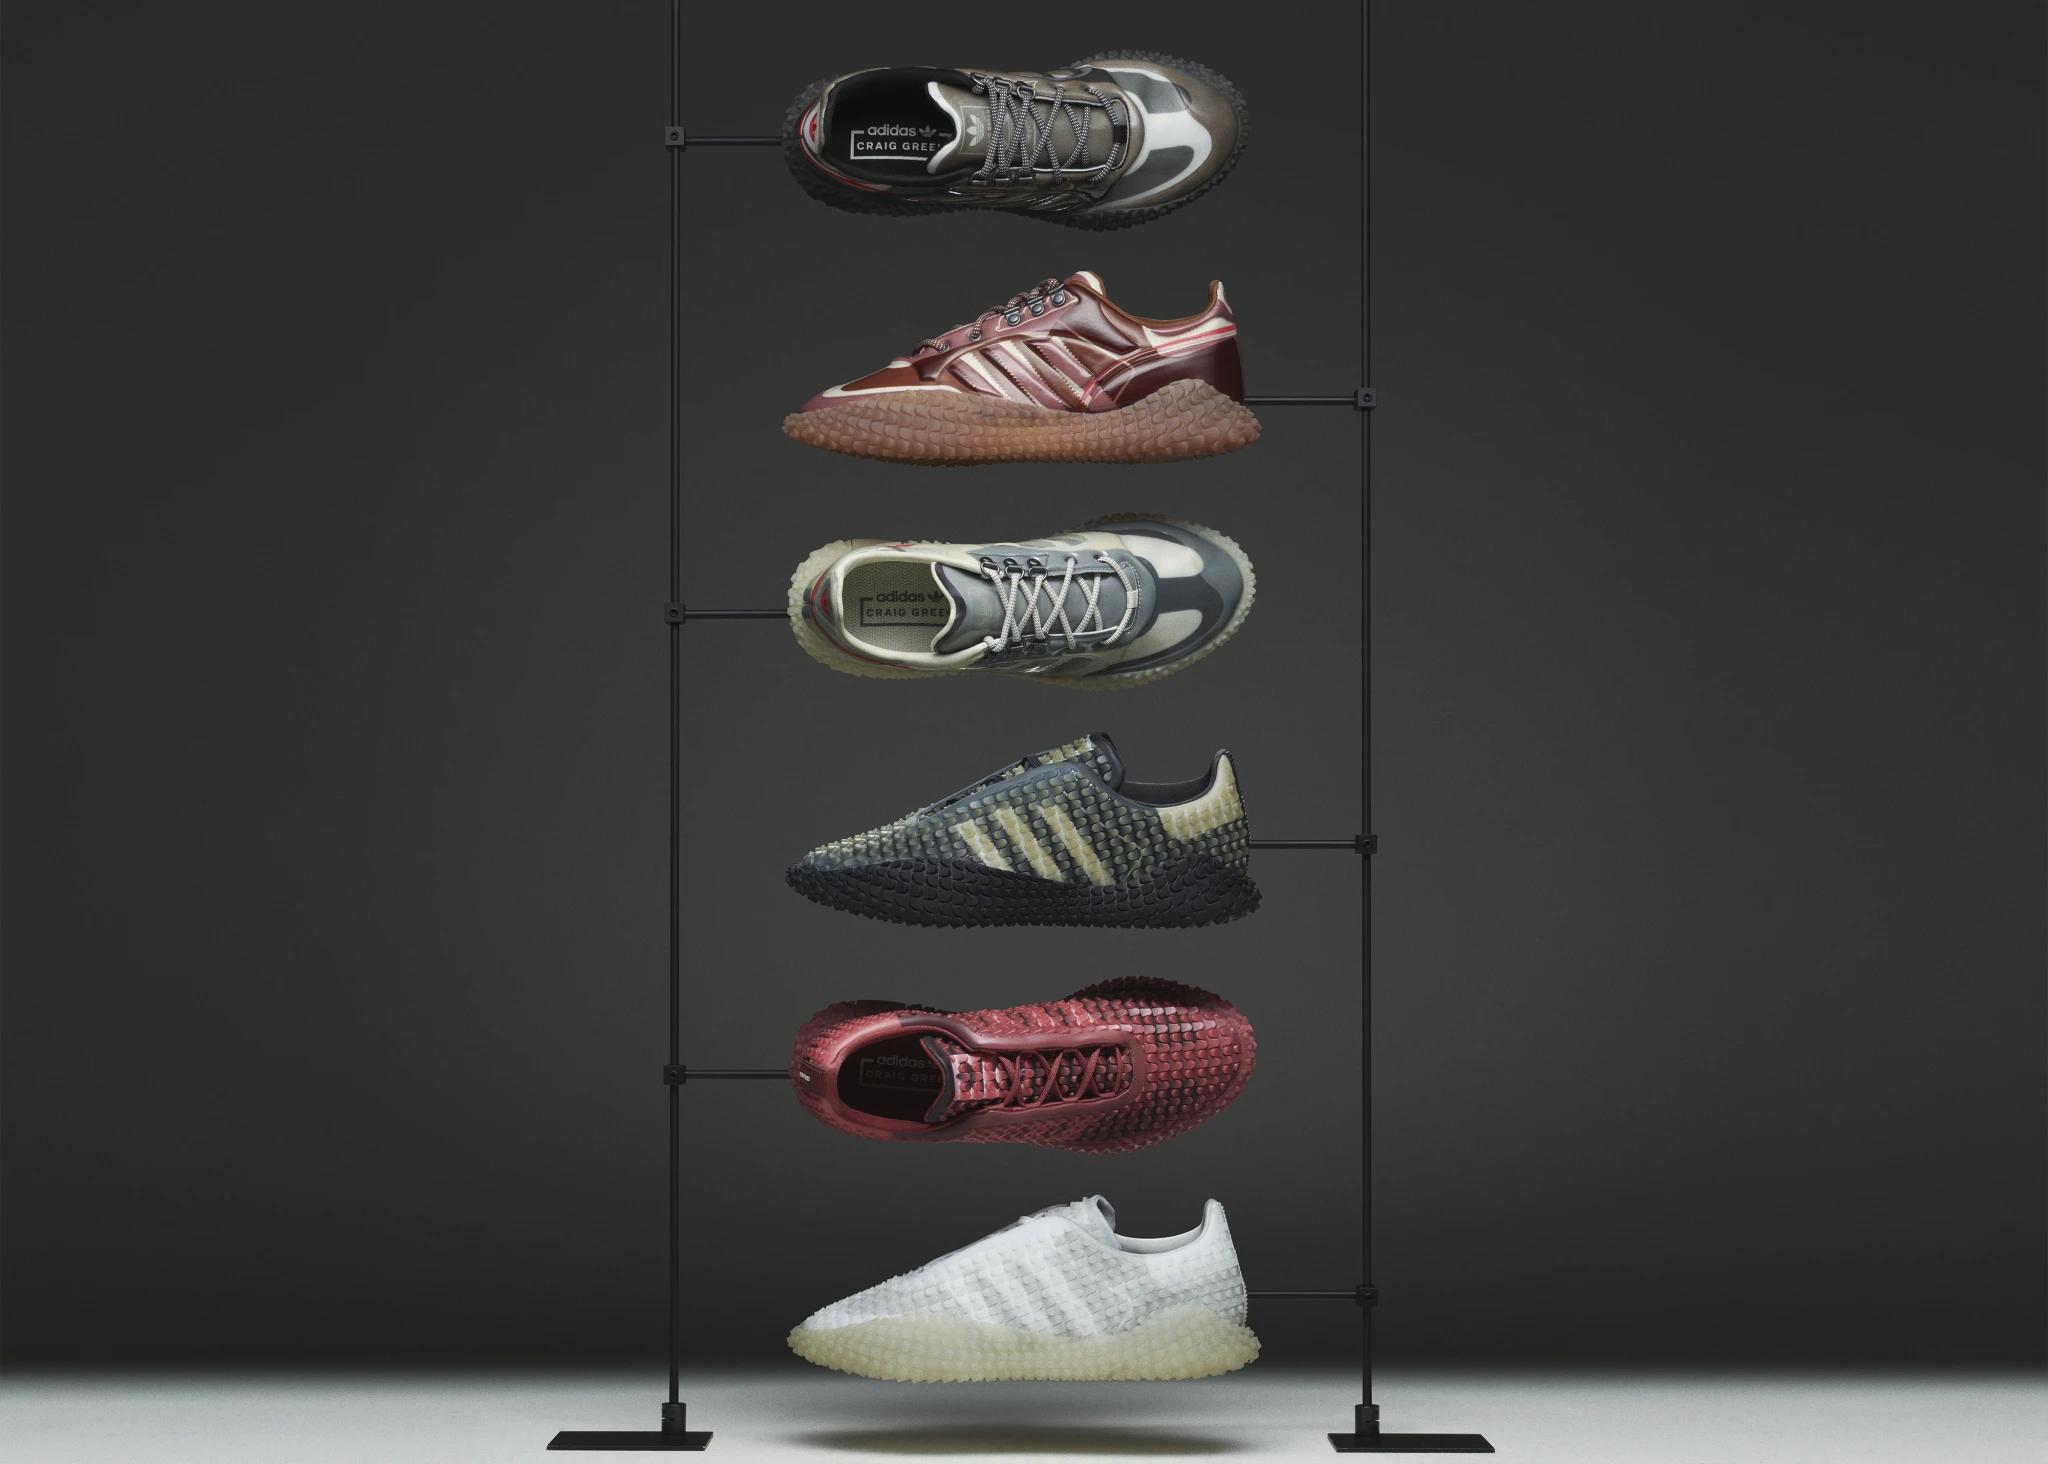 adidas by Craig Green - CG GRADDFA AKH + CG POLTA AKH I